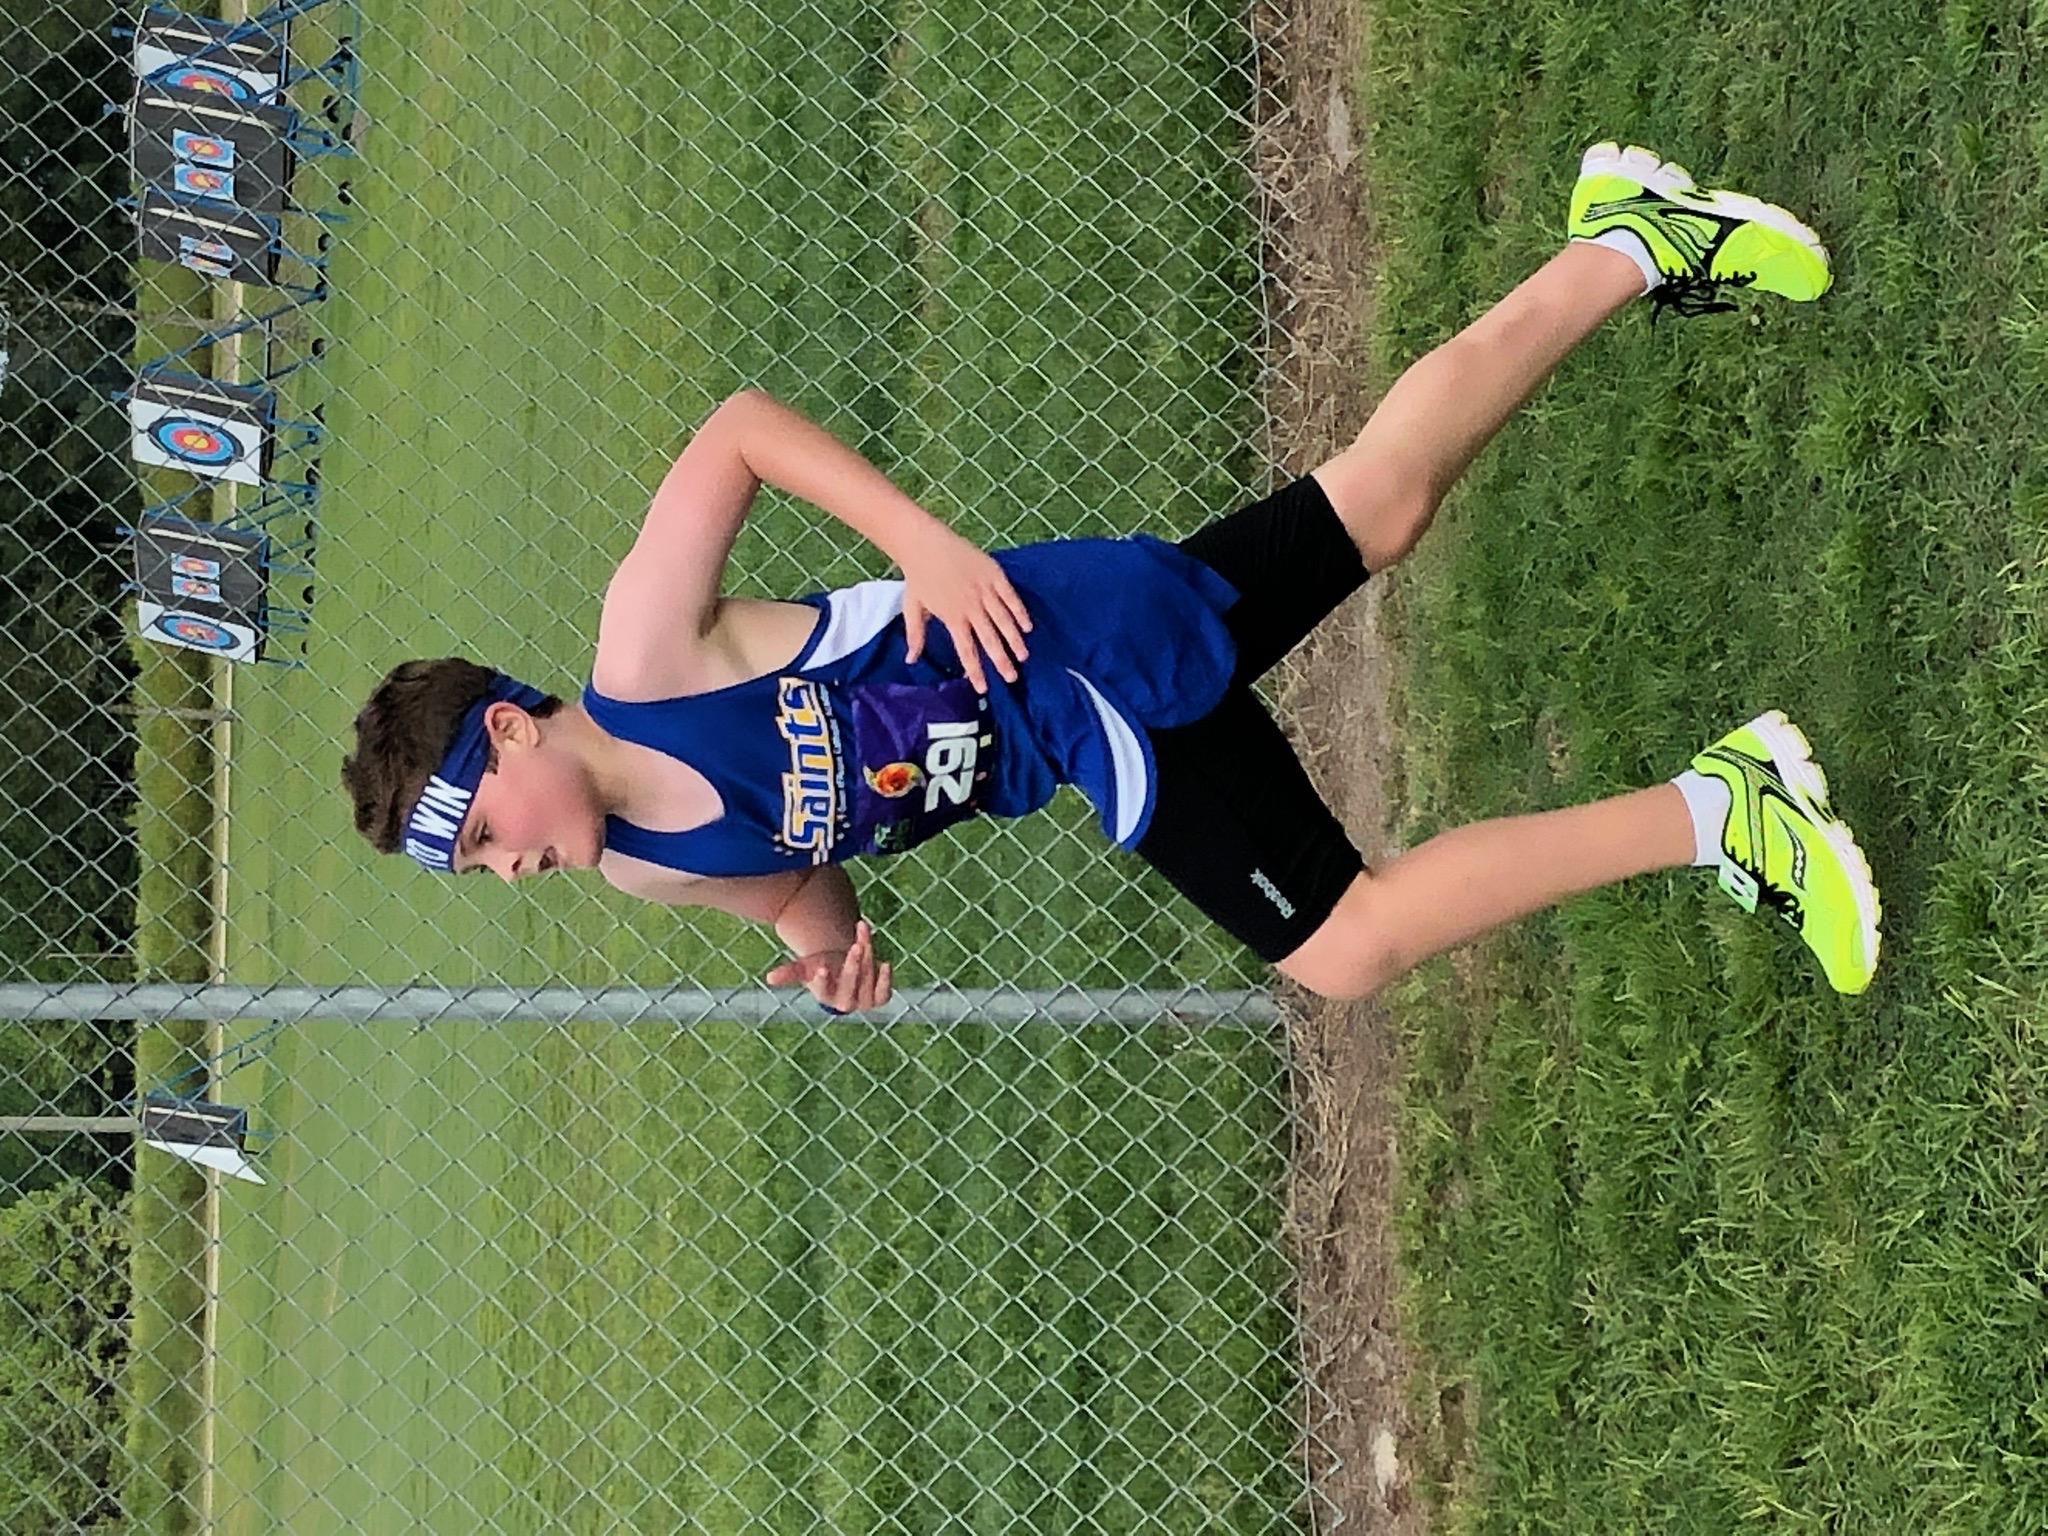 William Collett running